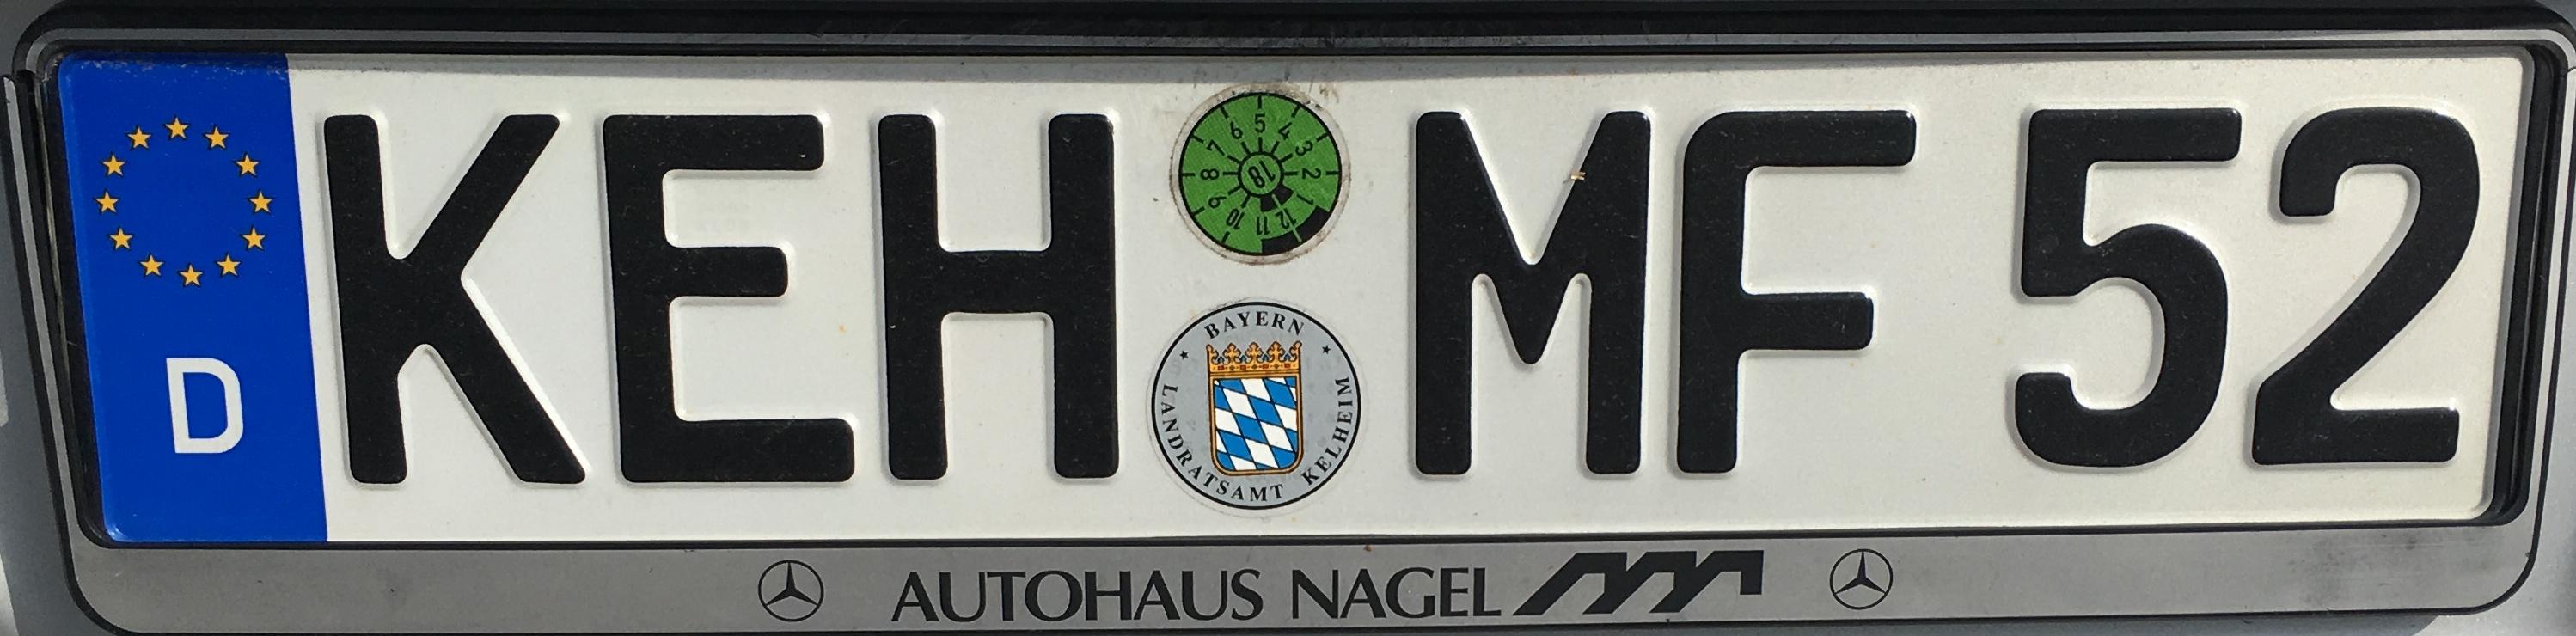 Registrační značky Německo - KEH - Kelheim, foto: vlastní